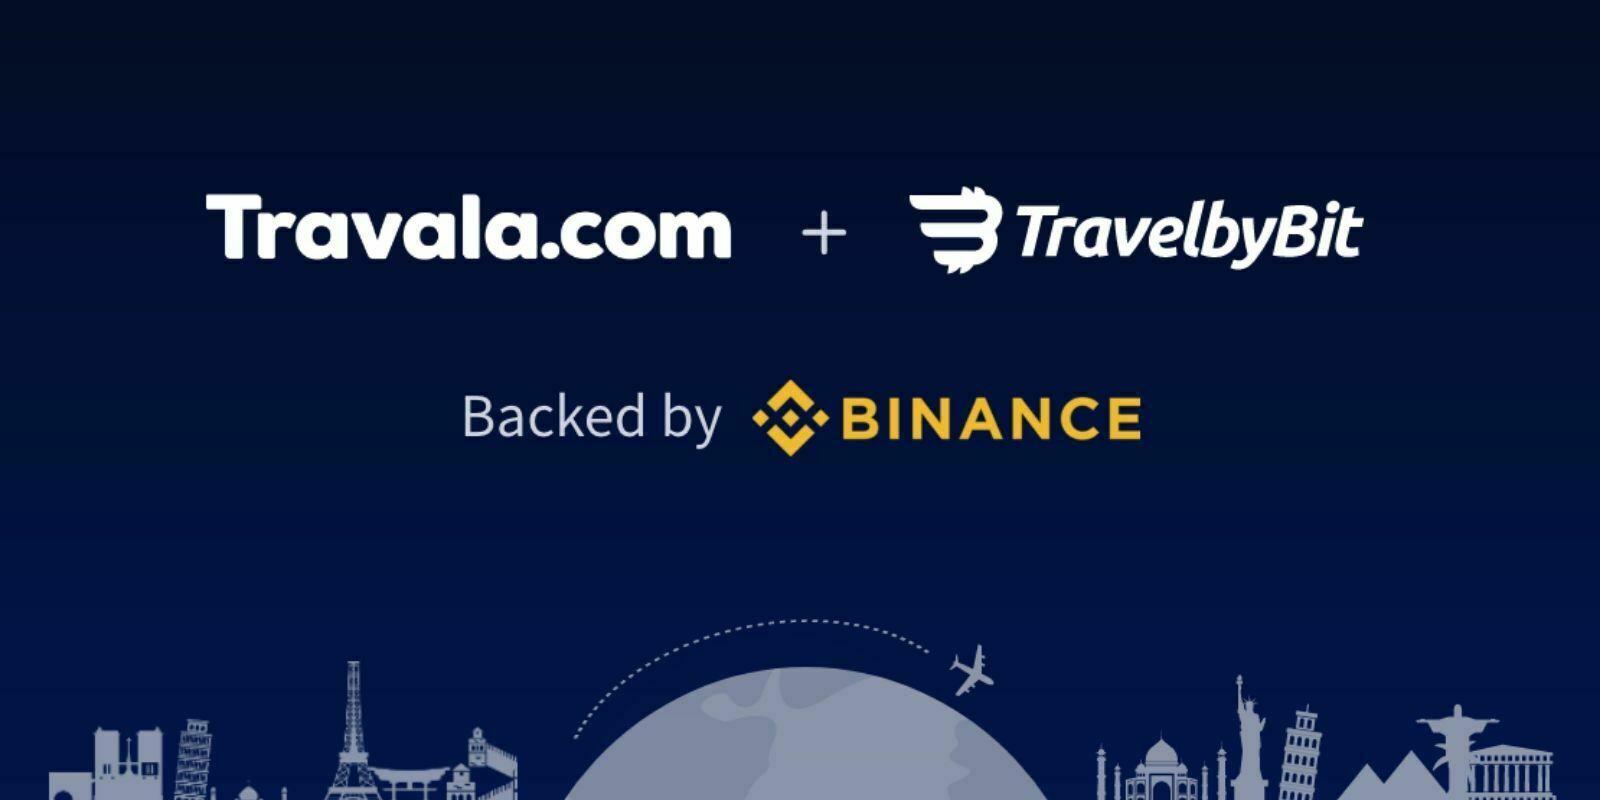 Travala fusionne avec TravelbyBit, une startup financée par Binance